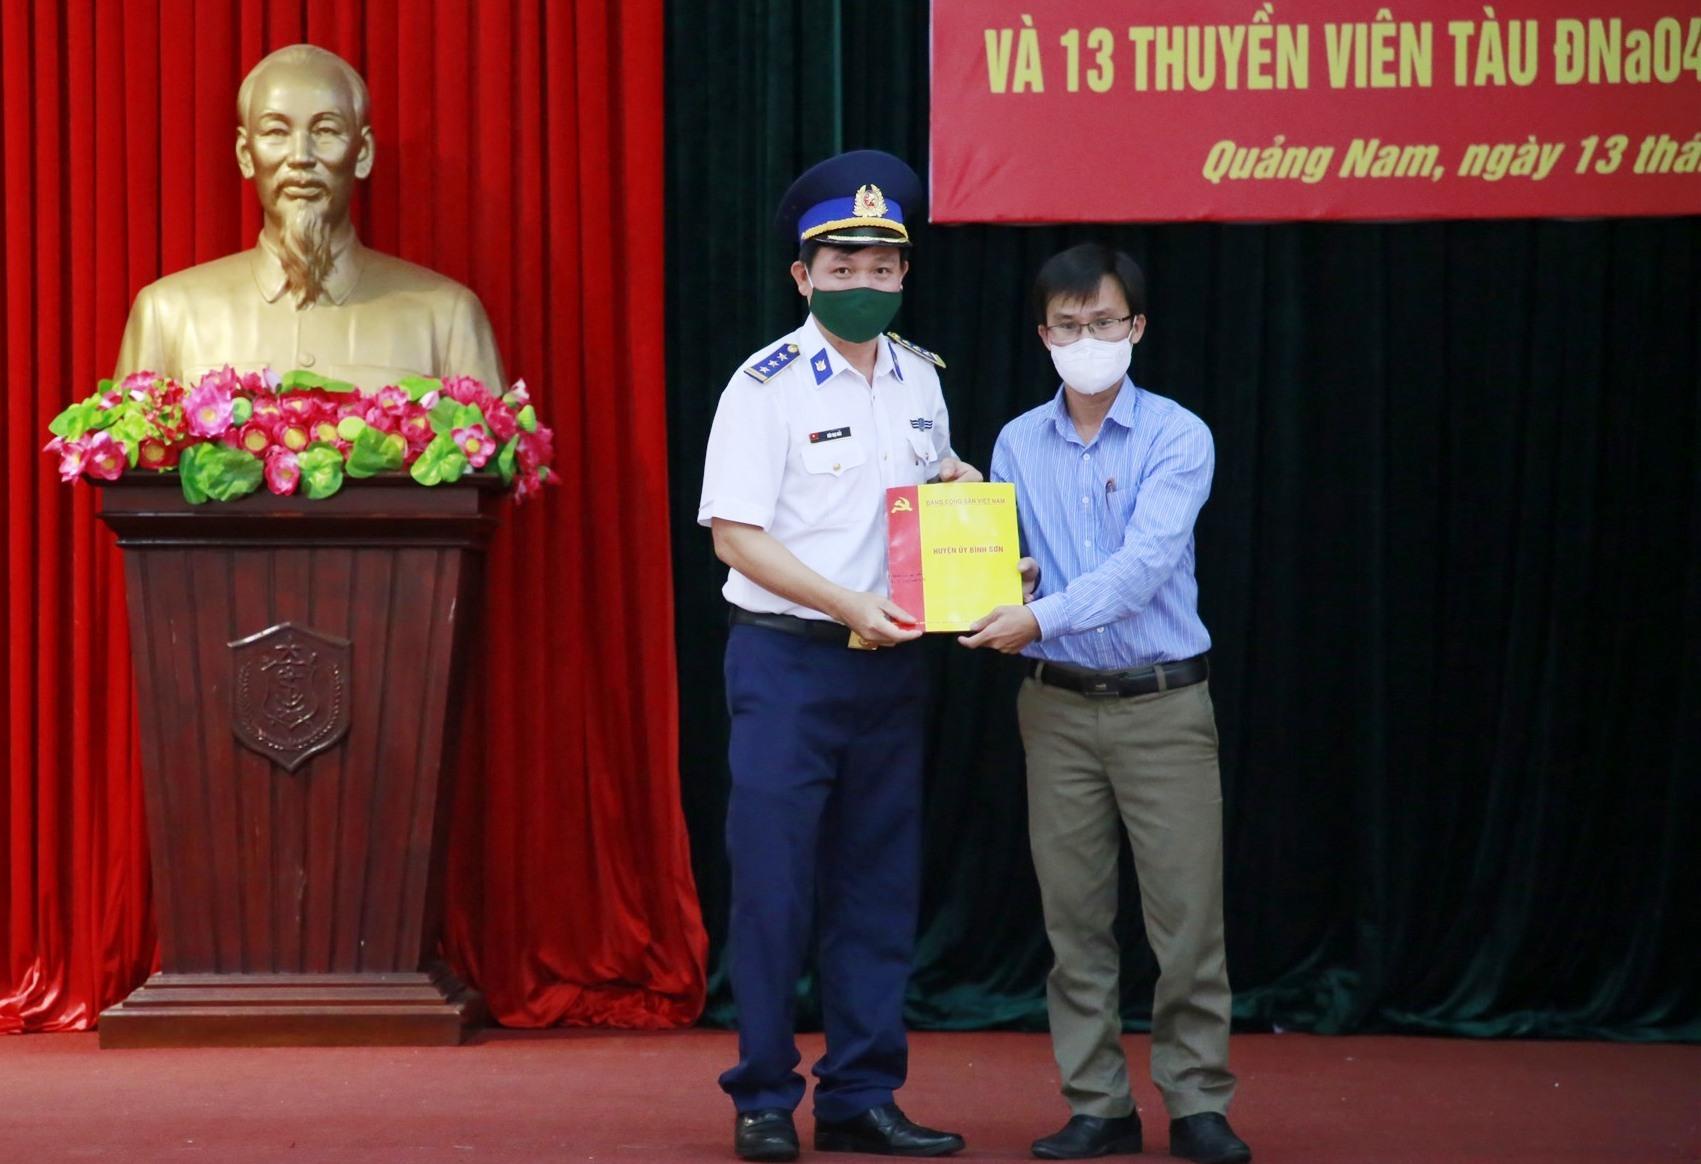 Đại diện UBND huyện Bình Sơn tặng quà cho Bộ tư lệnh Vùng Cảnh sát biển 2. Ảnh: T.C